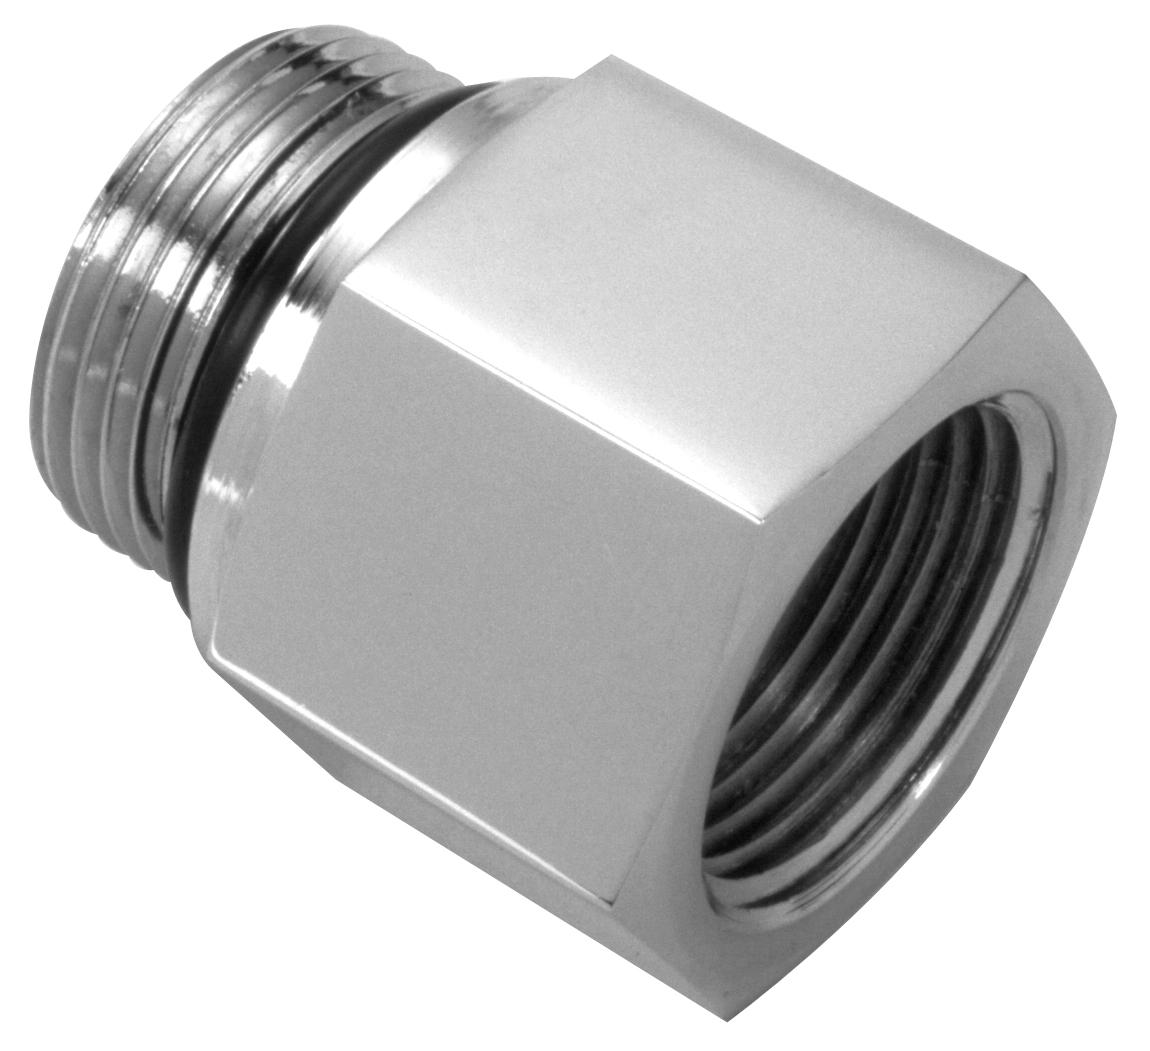 Apc s a e pipe adapter lenz